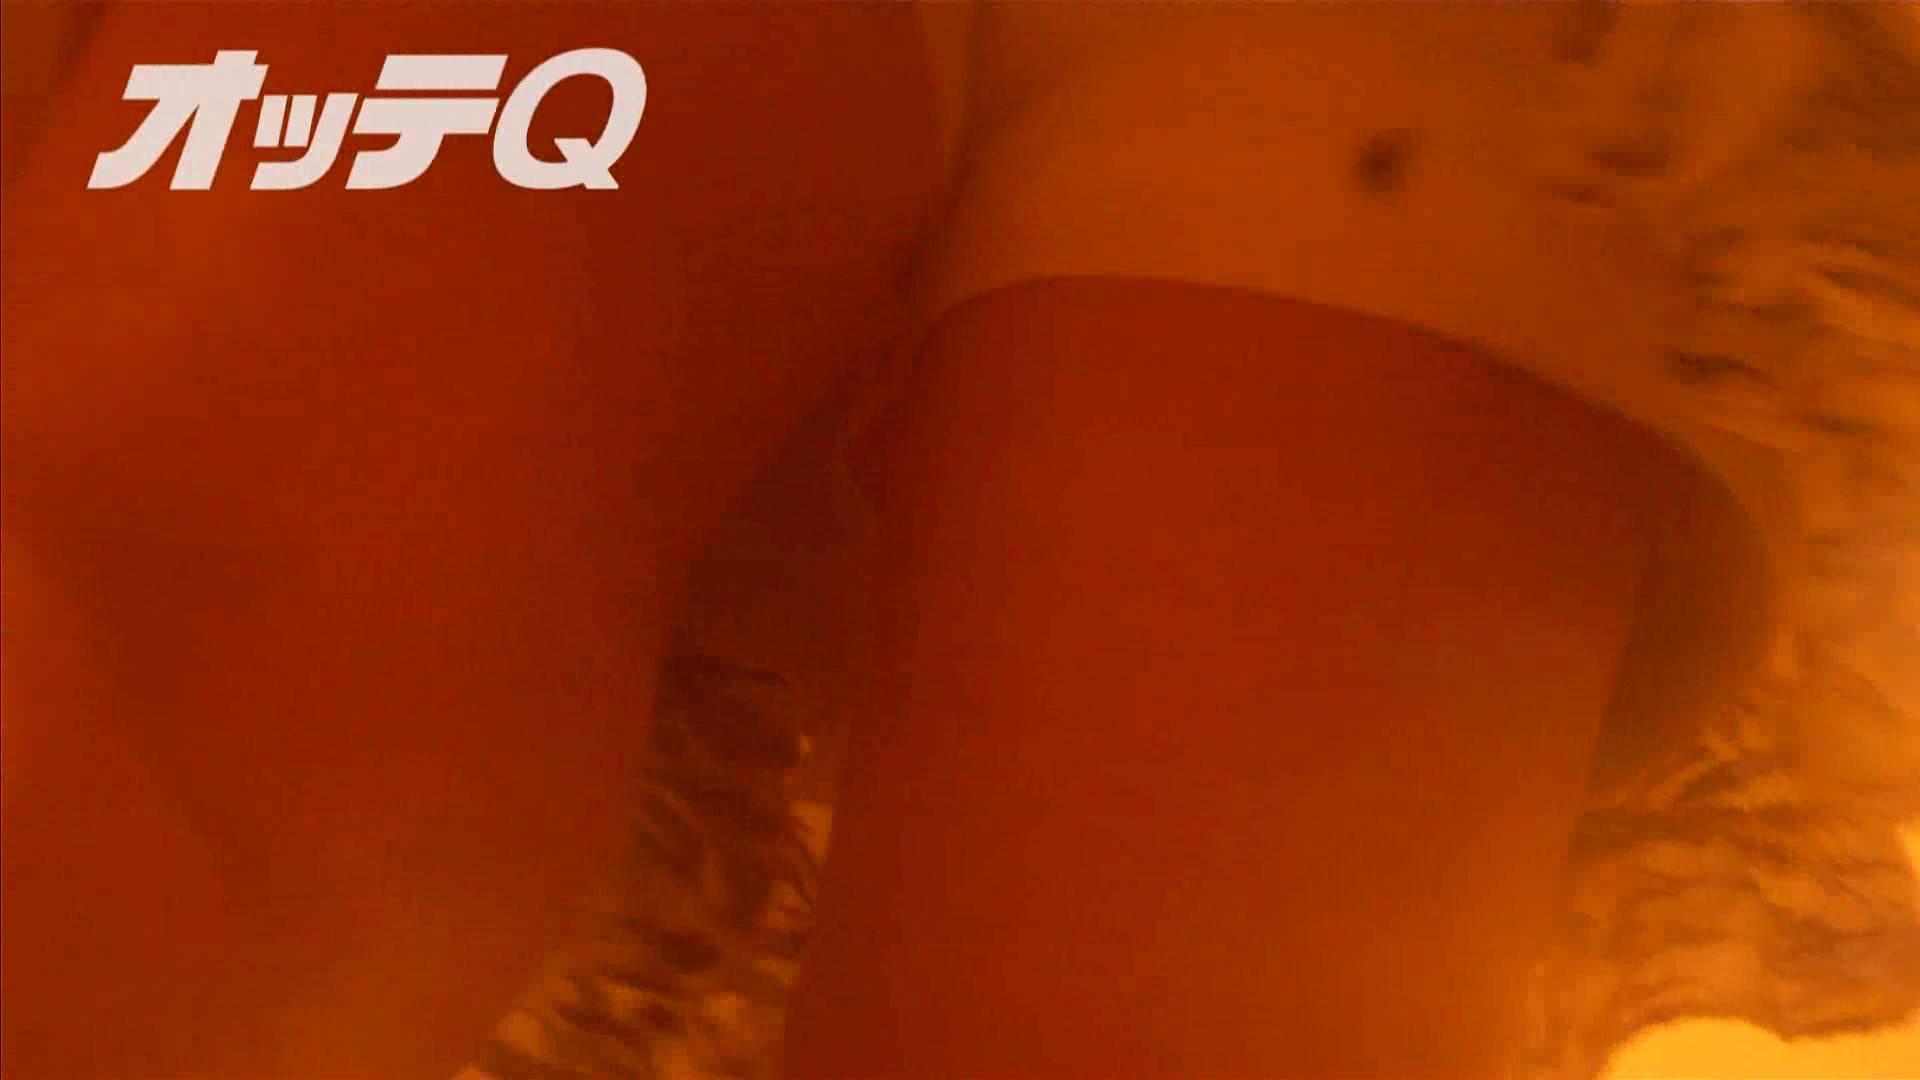 ハイビジョンパンチラ オッテQさんの追跡パンチラデパート編VOL.03 ギャル アダルト動画キャプチャ 102枚 3